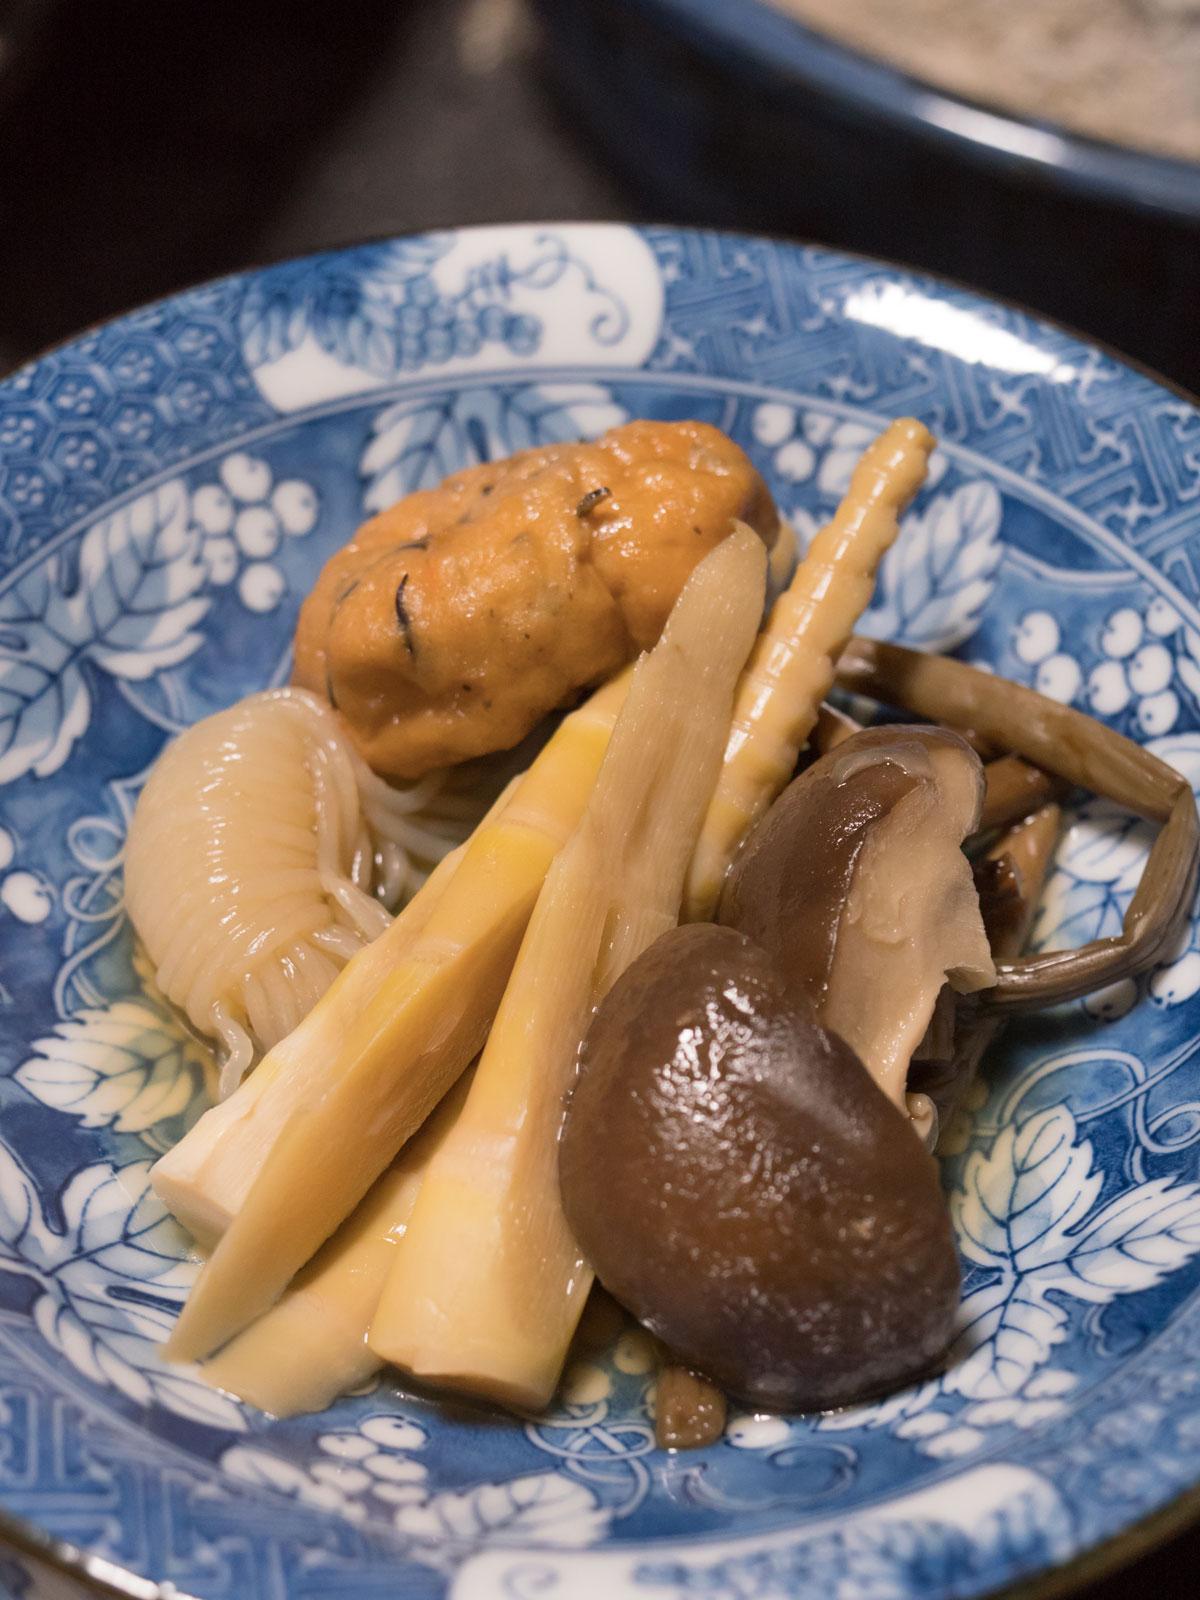 山菜の煮物 これぞ東北の味 椎茸と筍が美味 DMC-GX8 + LEICA DG 12-60mm